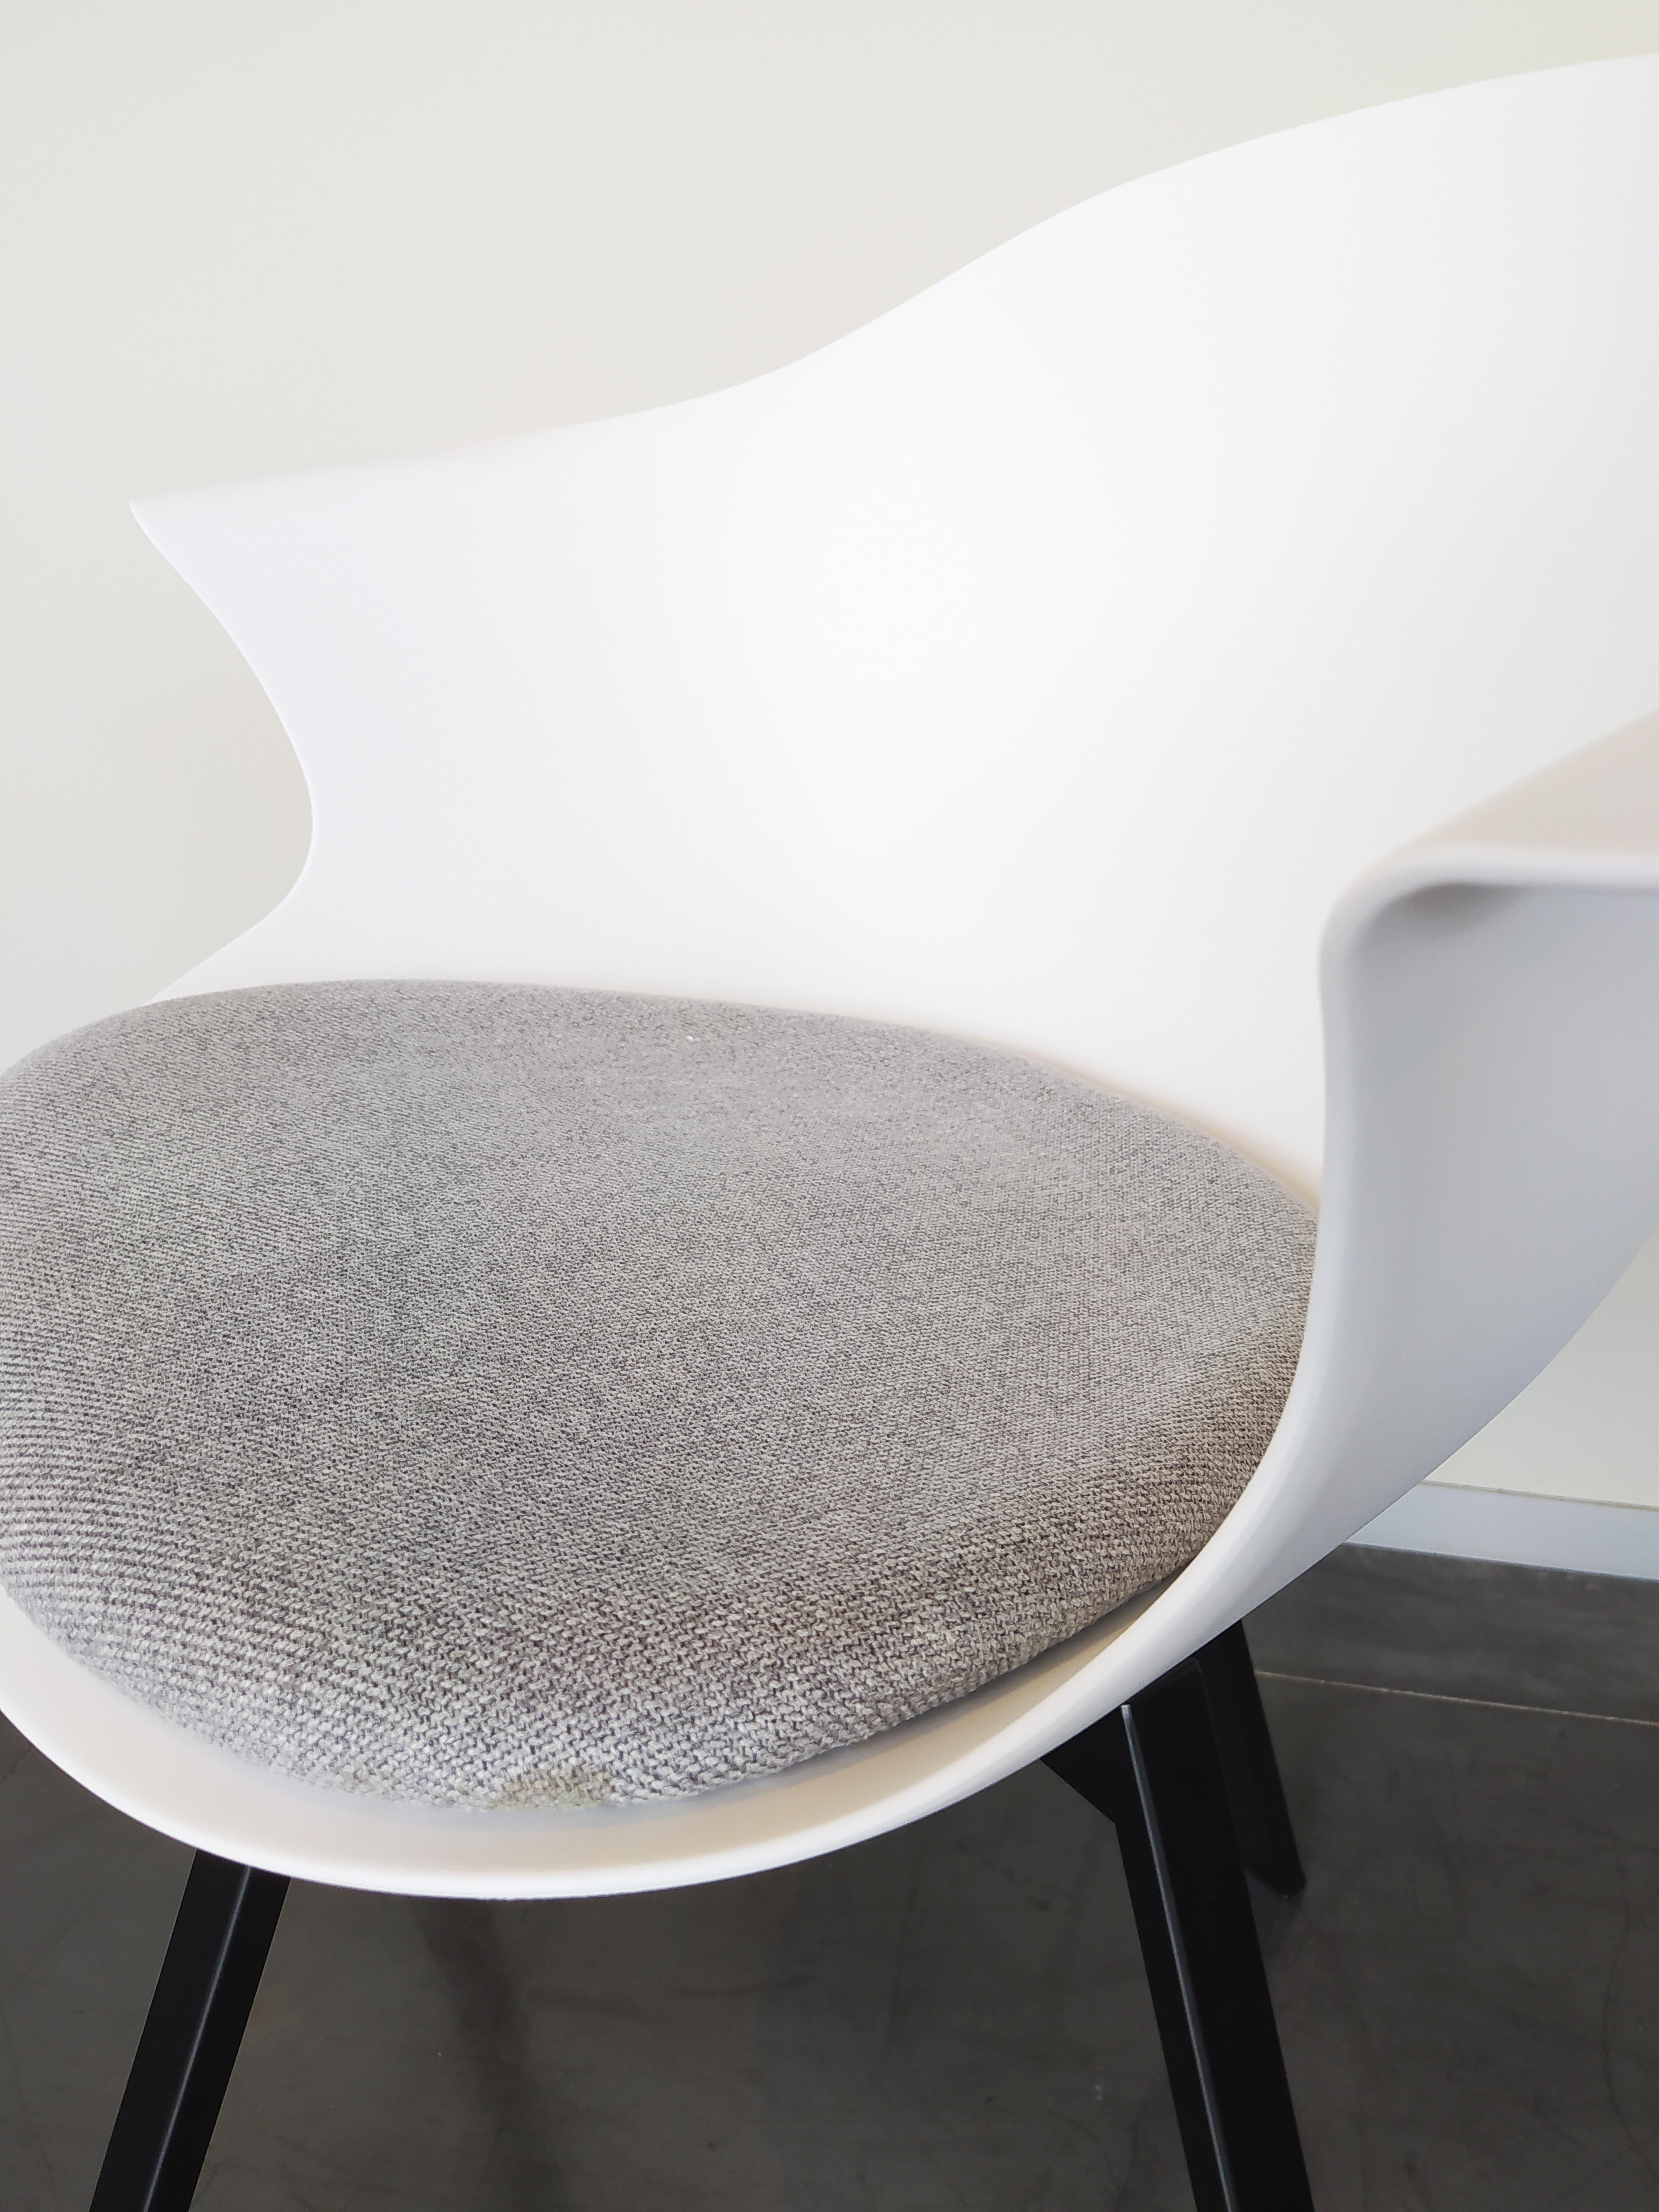 Evolution-hasselt-interieurwinkel-meubelen-design-stoelen-ohio-kuip-chair-detail-2